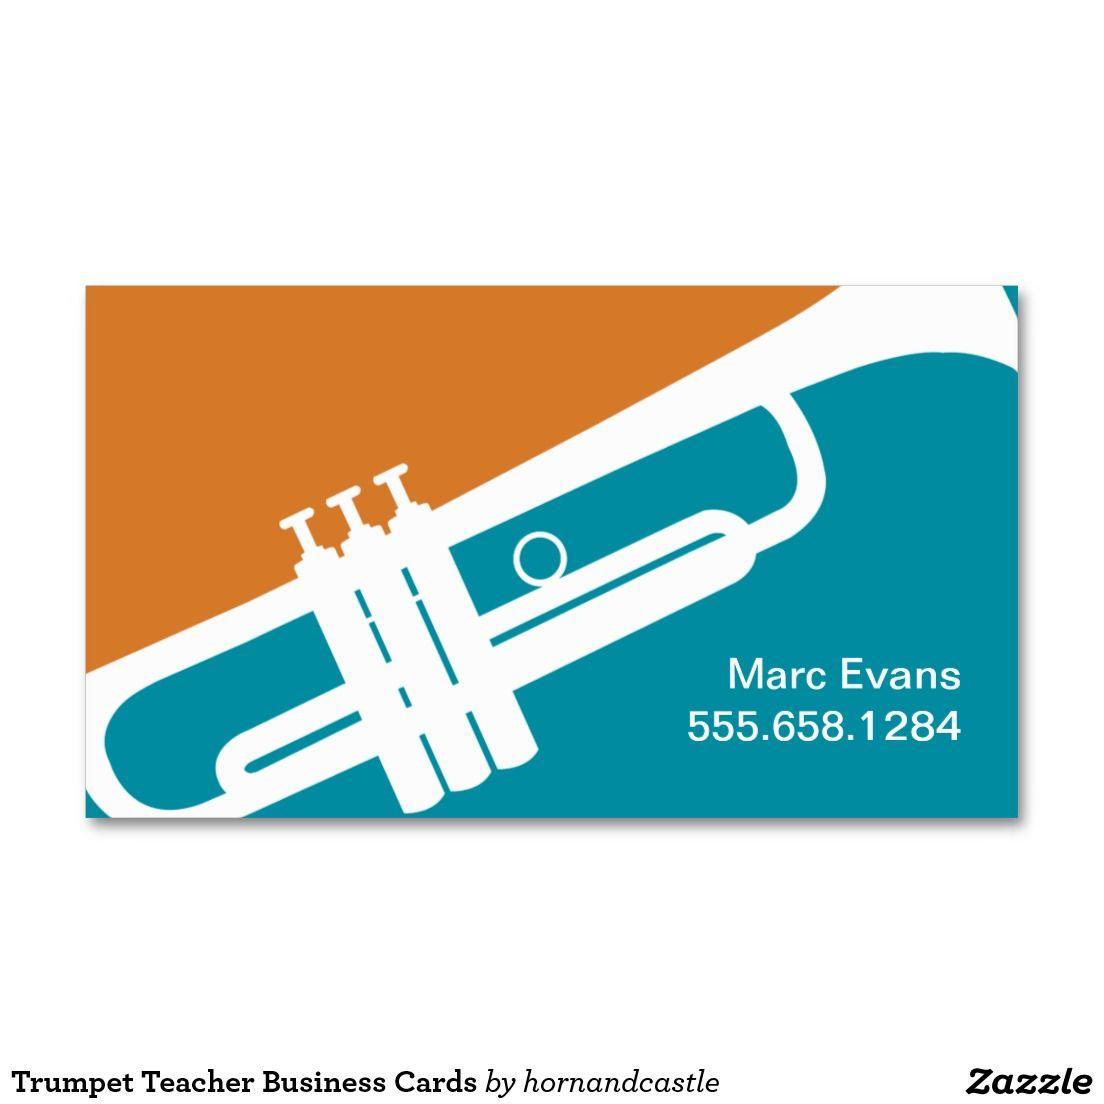 Trumpet teacher business cards business teacher business cards trumpet teacher business cards magicingreecefo Gallery